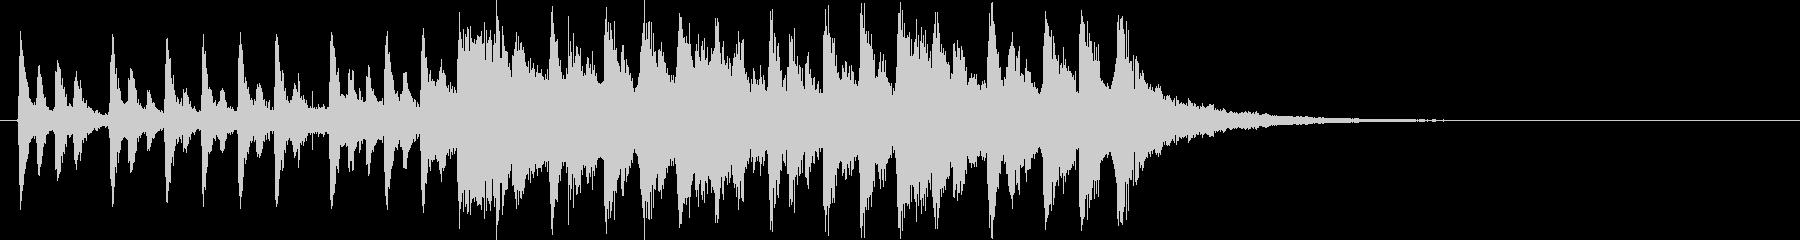 始まる雰囲気がする曲の未再生の波形